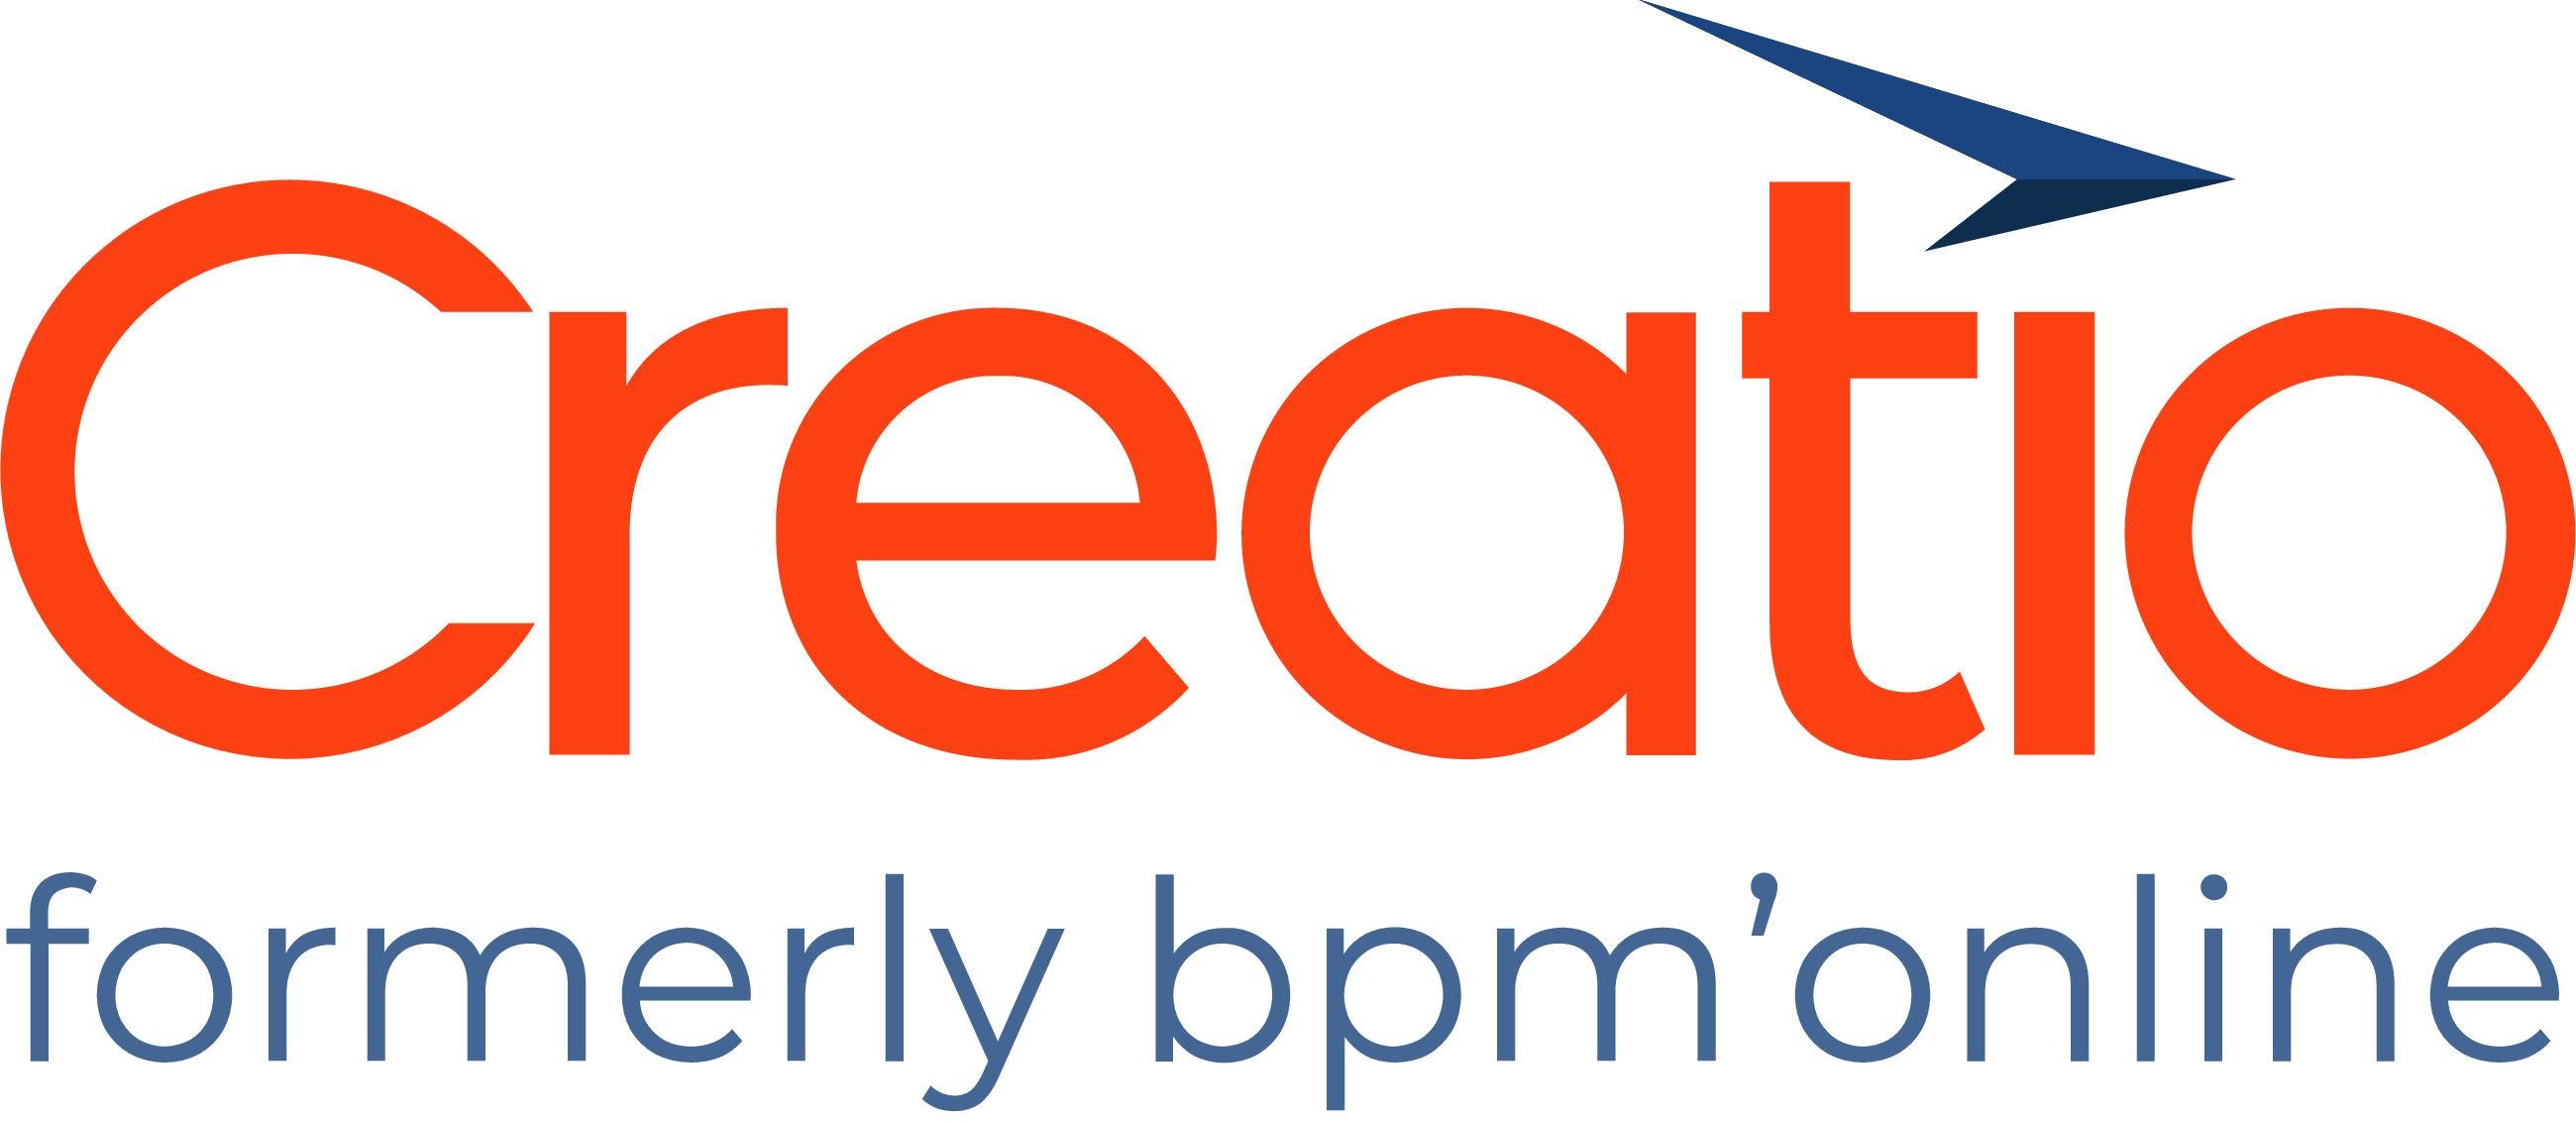 CRM implementation partner